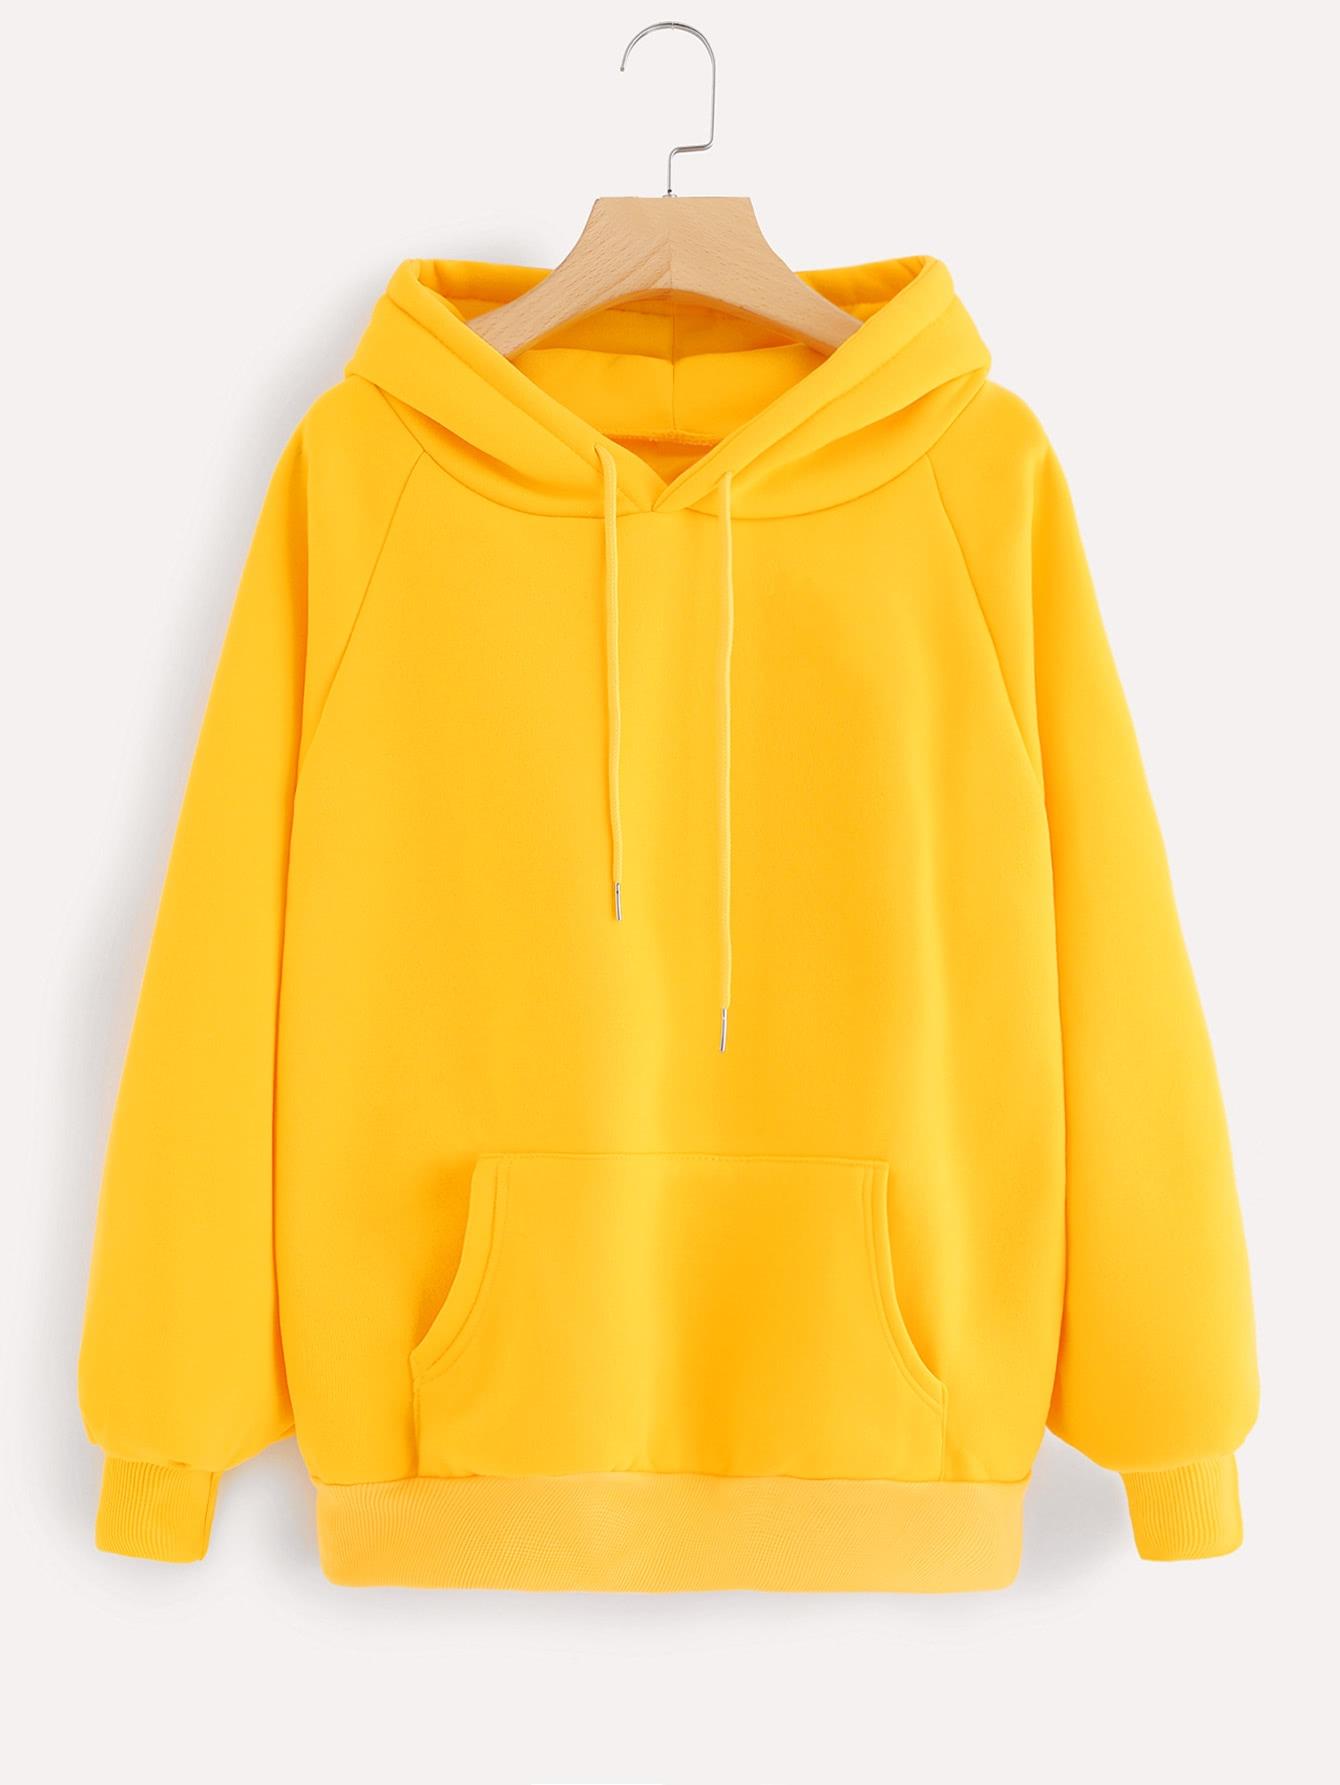 Купить Повседневный Ровный цвет на кулиске Пуловеры Желтый Свитшоты, null, SheIn